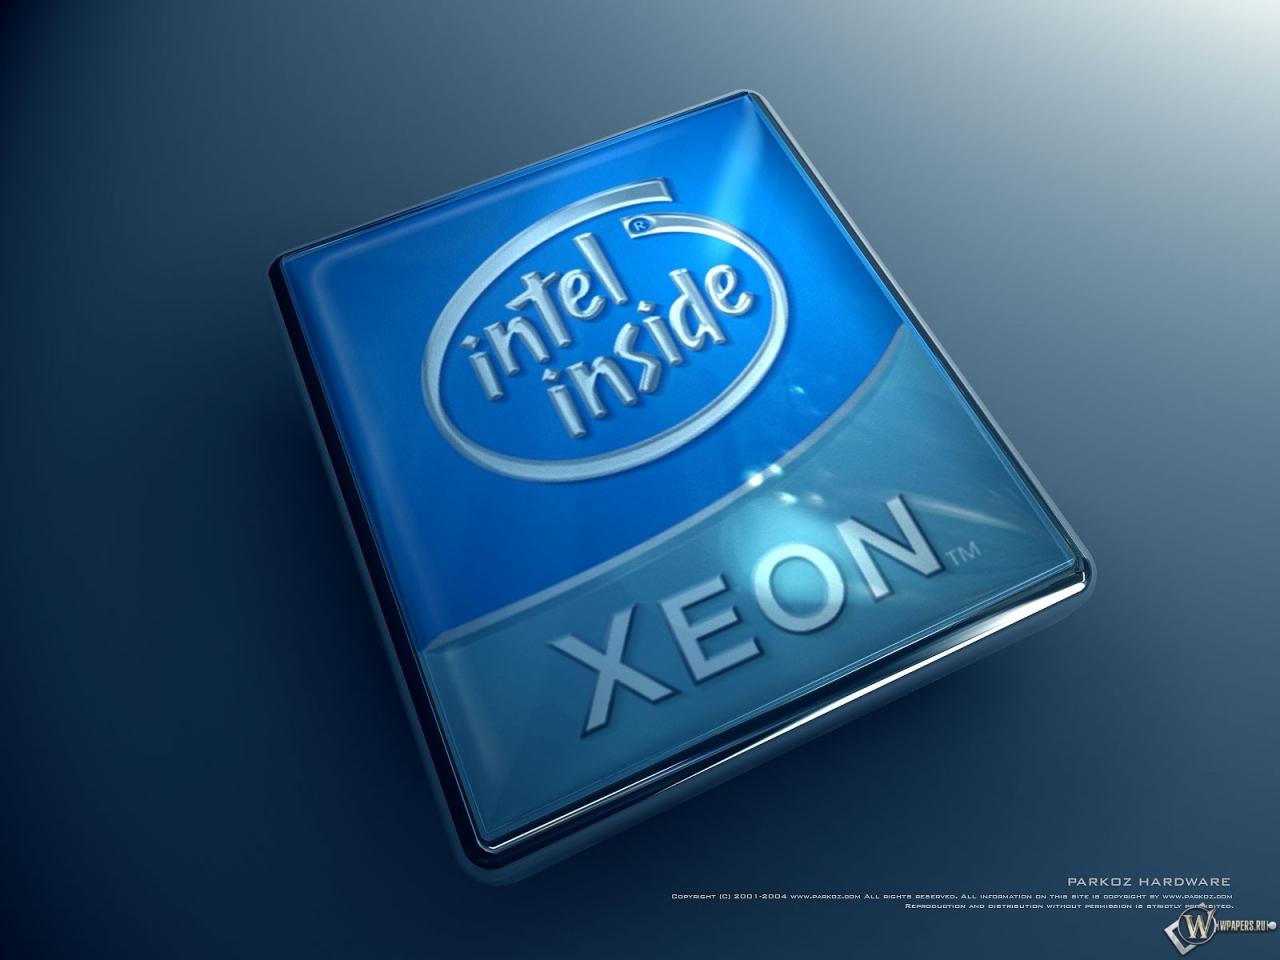 Intel Xeon 1280x960